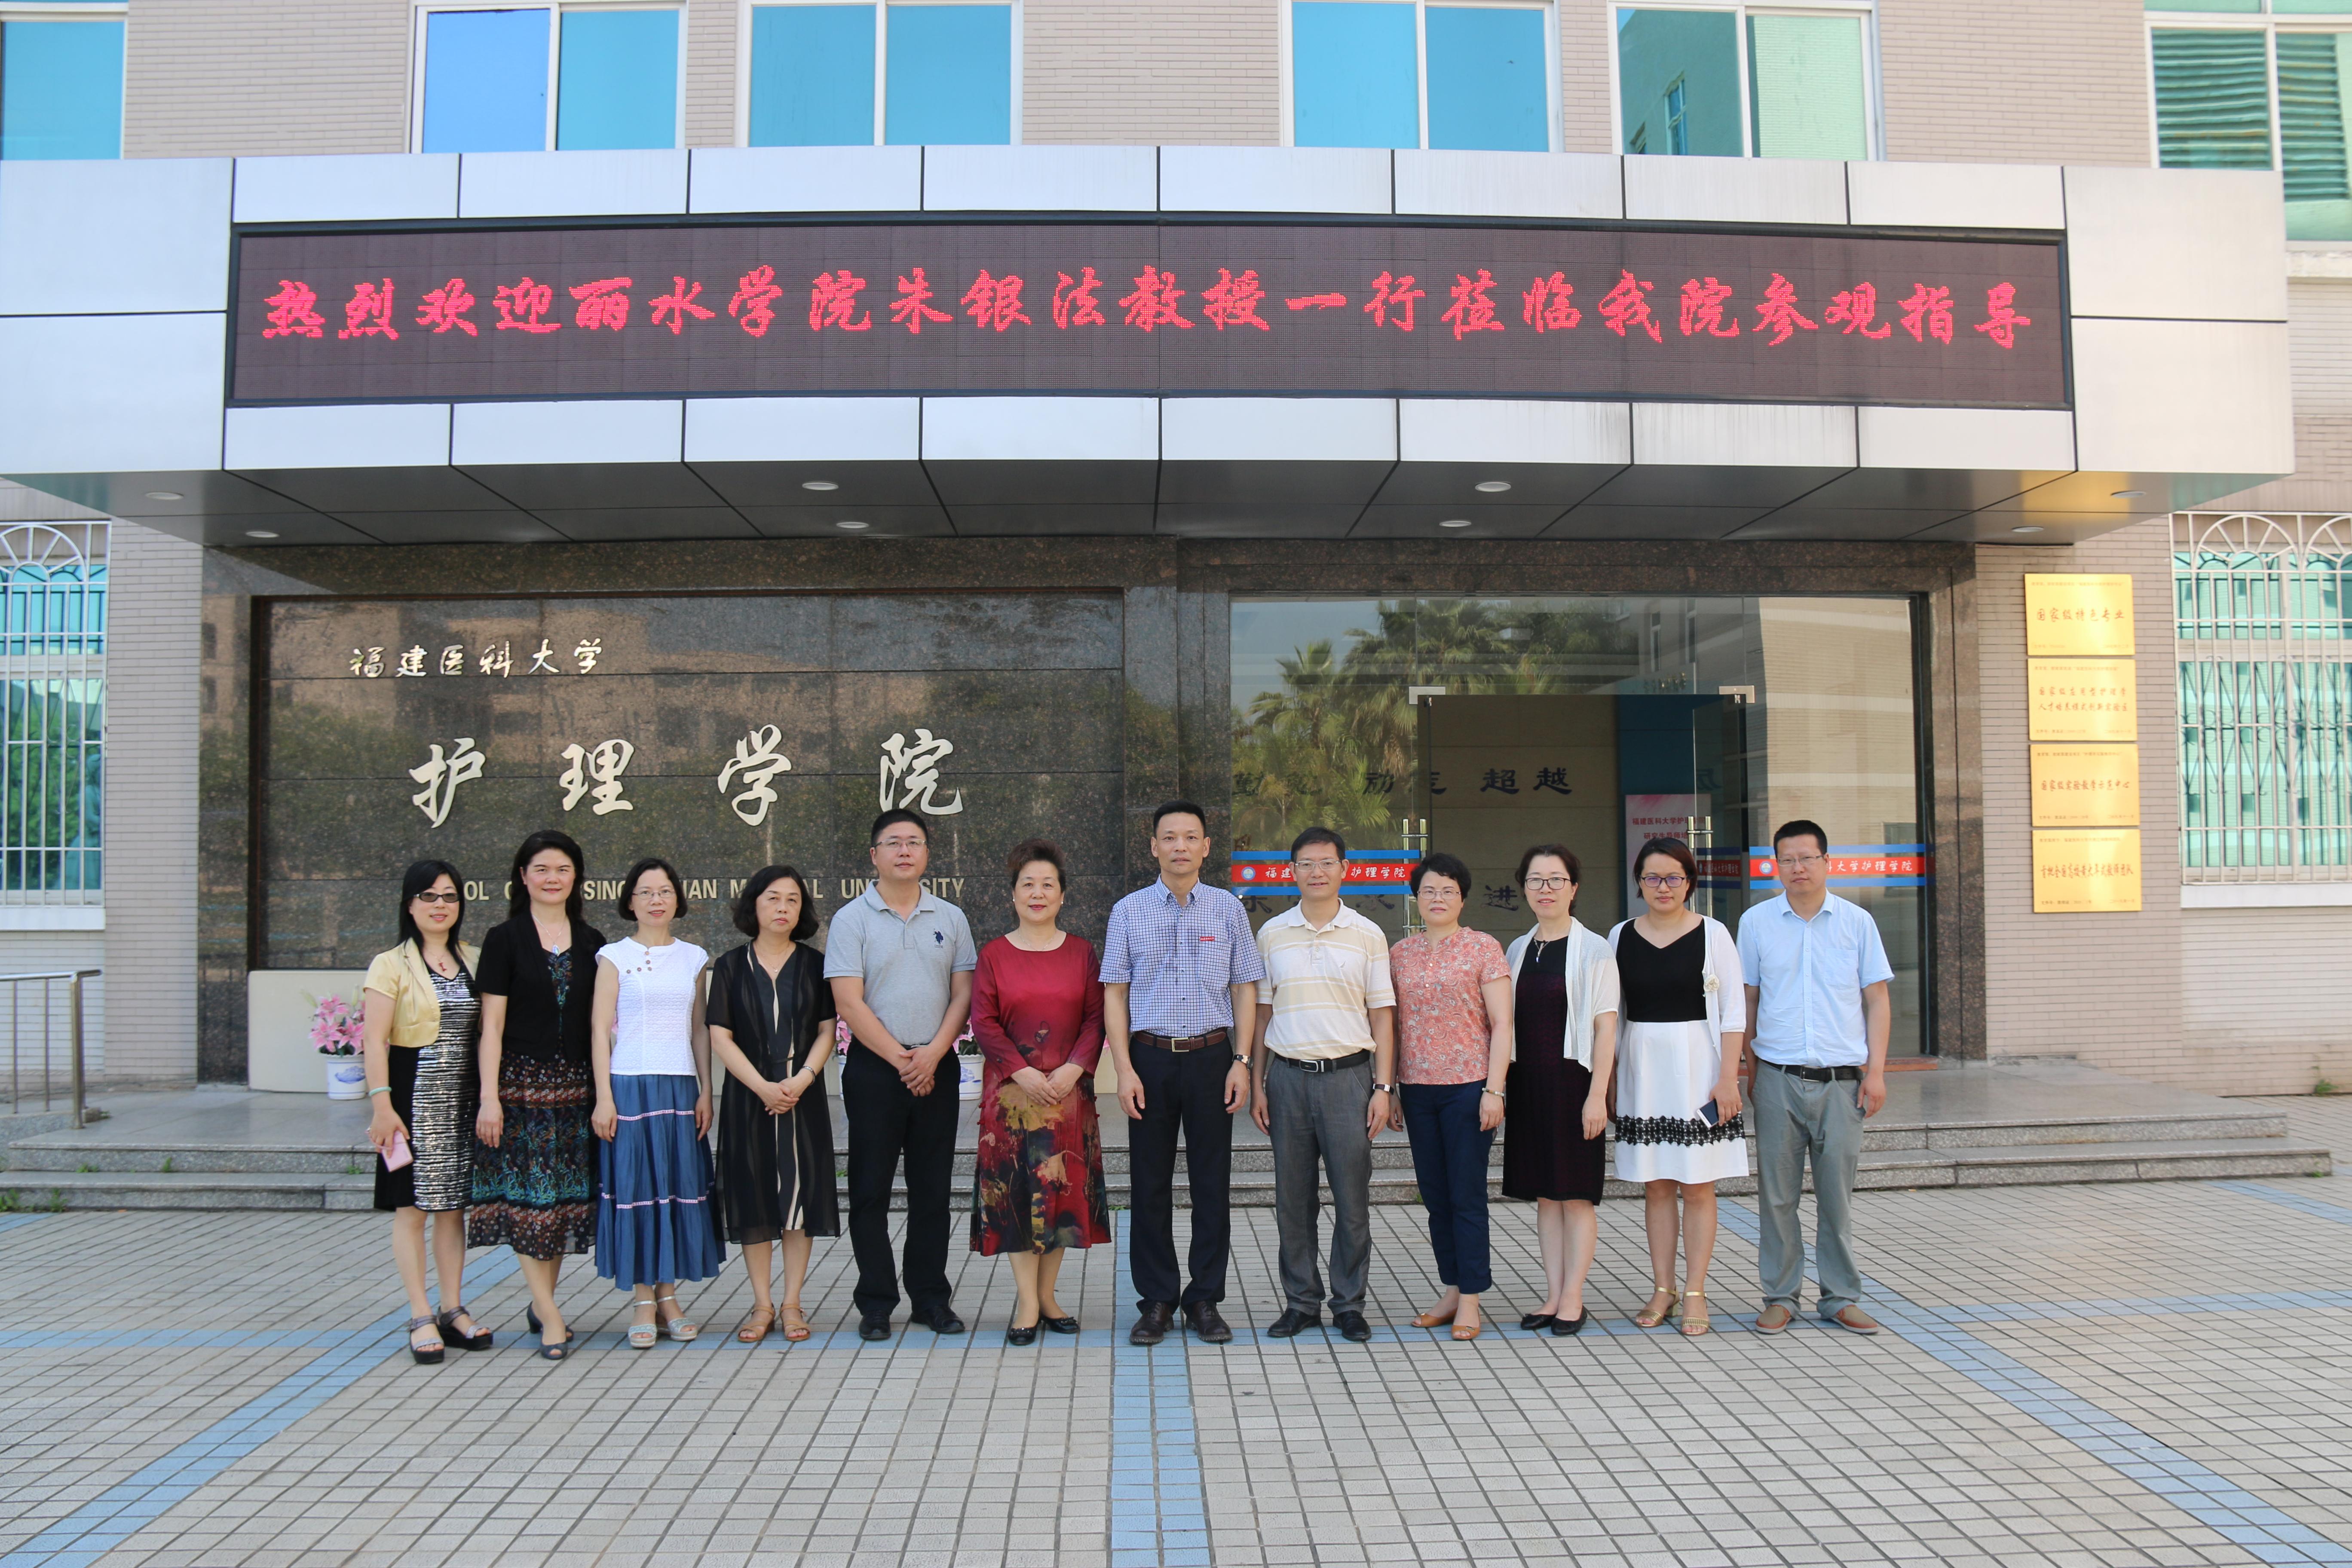 汕头大学,丽水学院,福建生物工程职业技术学院同仁们